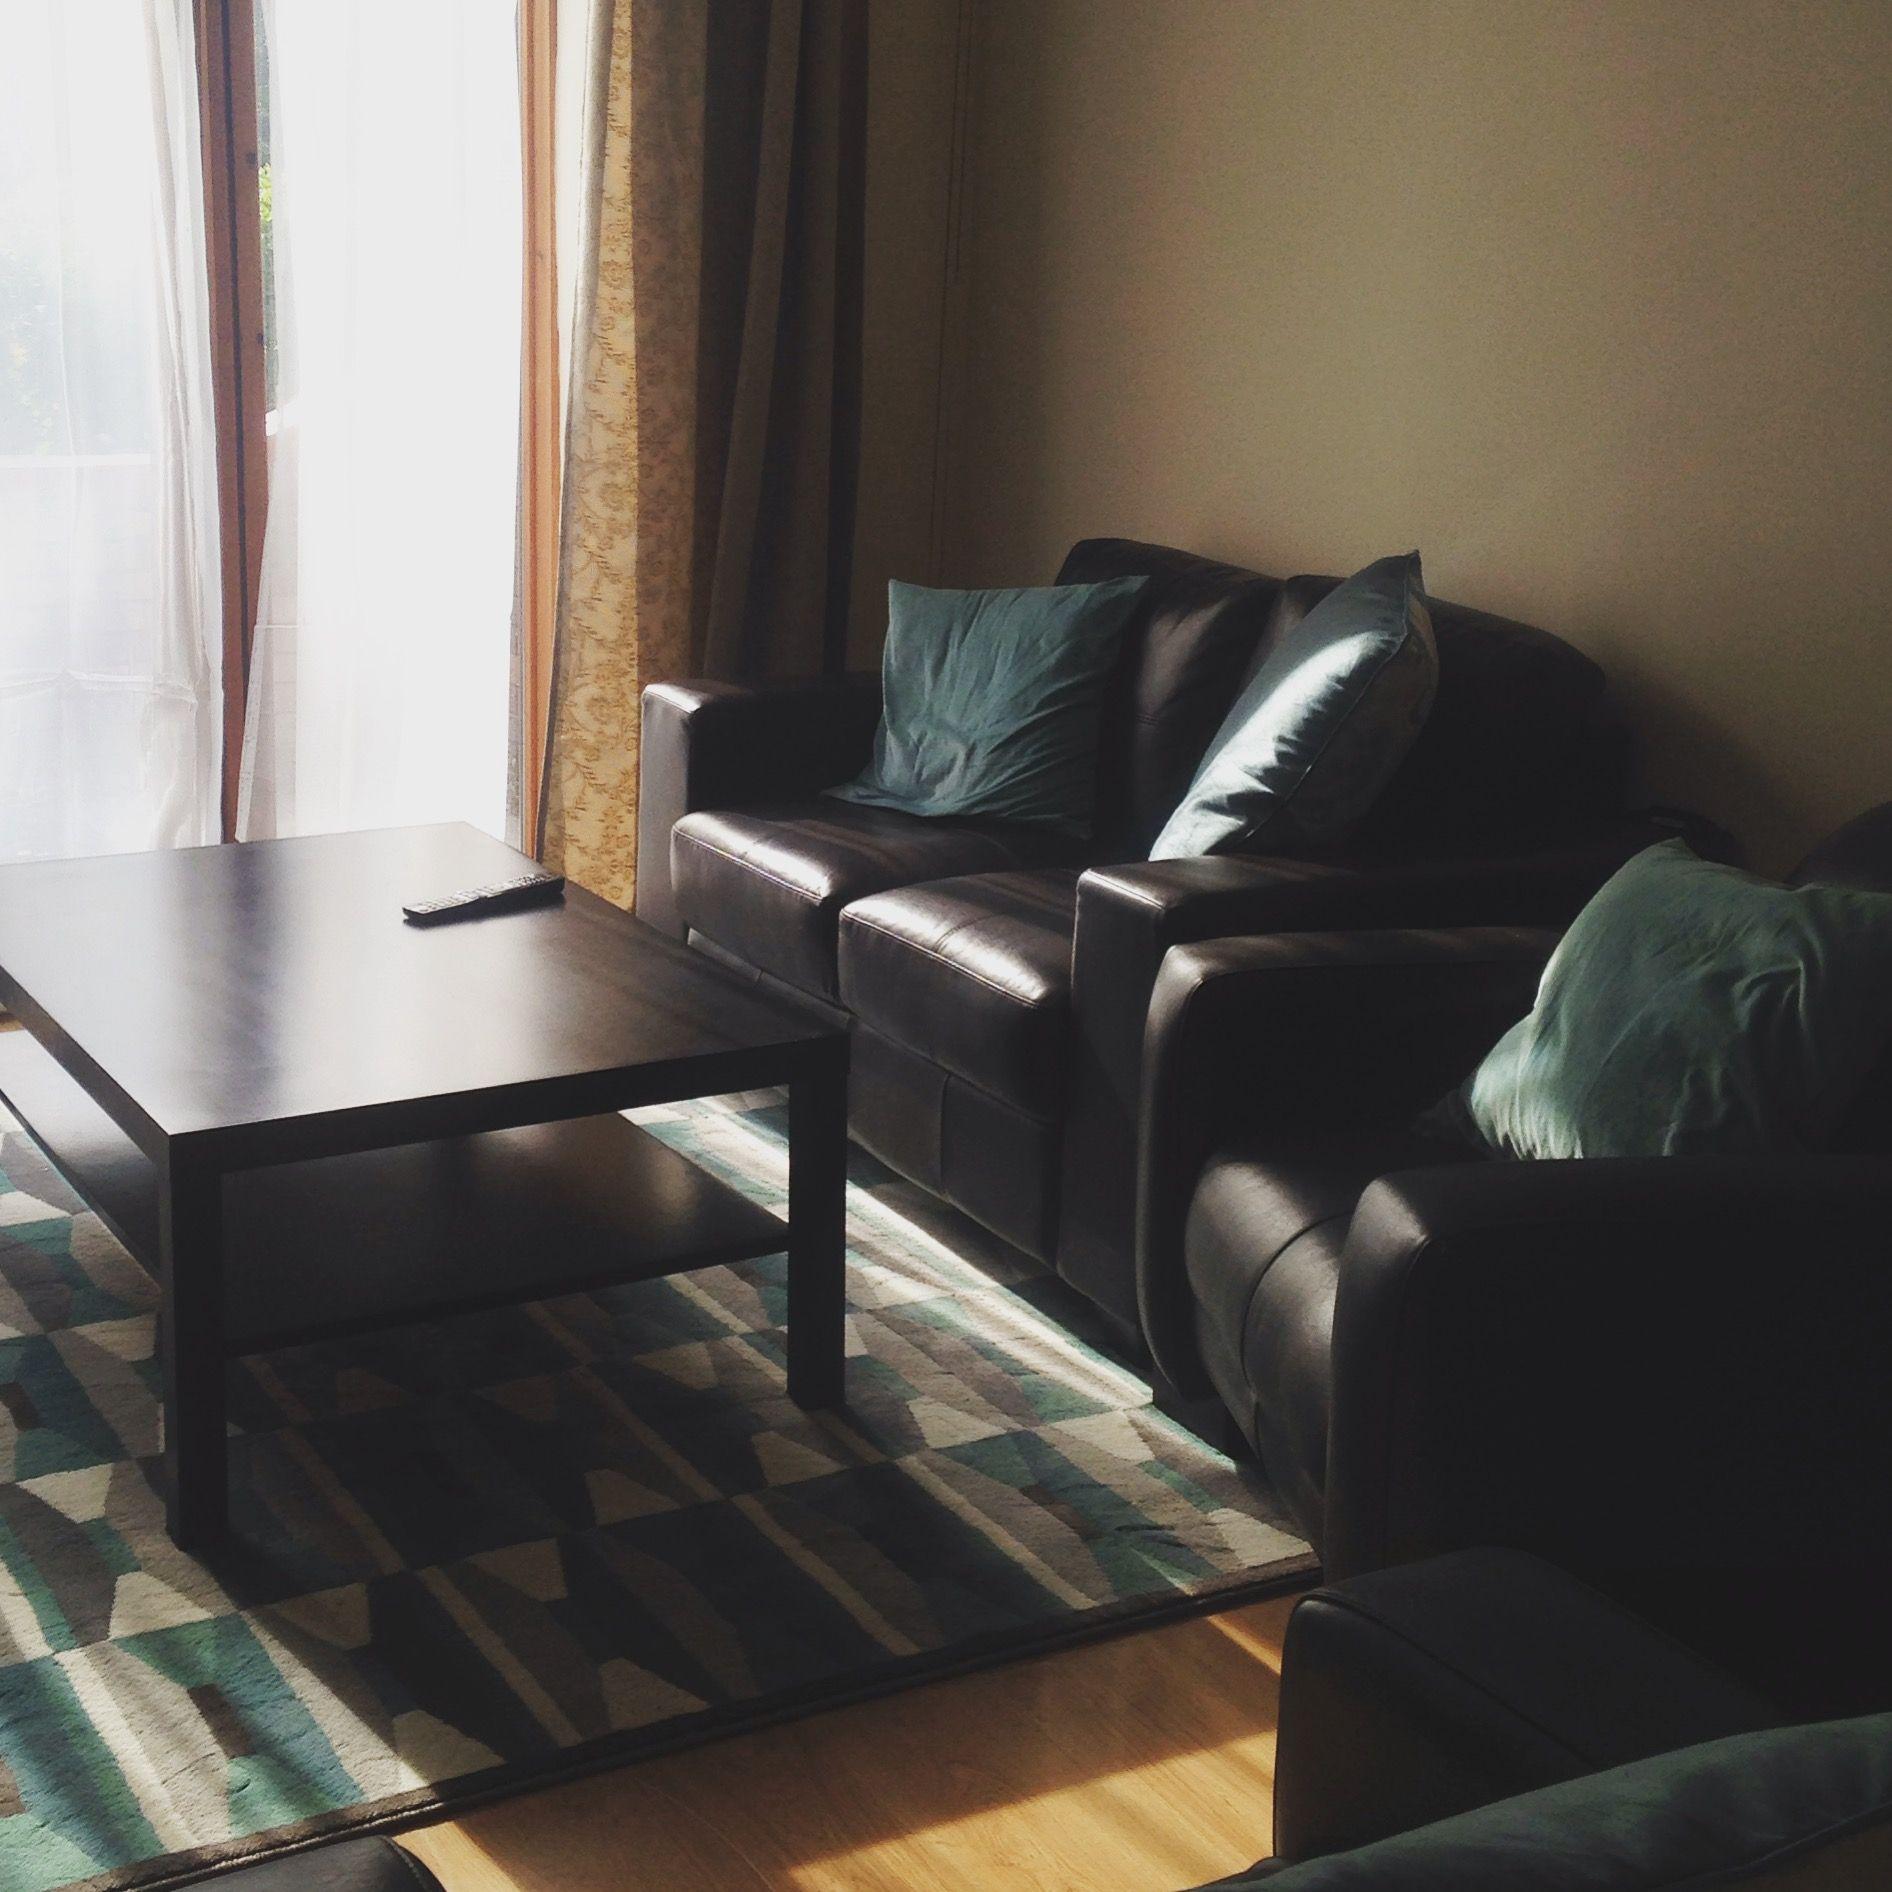 #decor #home #livingroom #ikea #rug #diy #renterfriendly ...